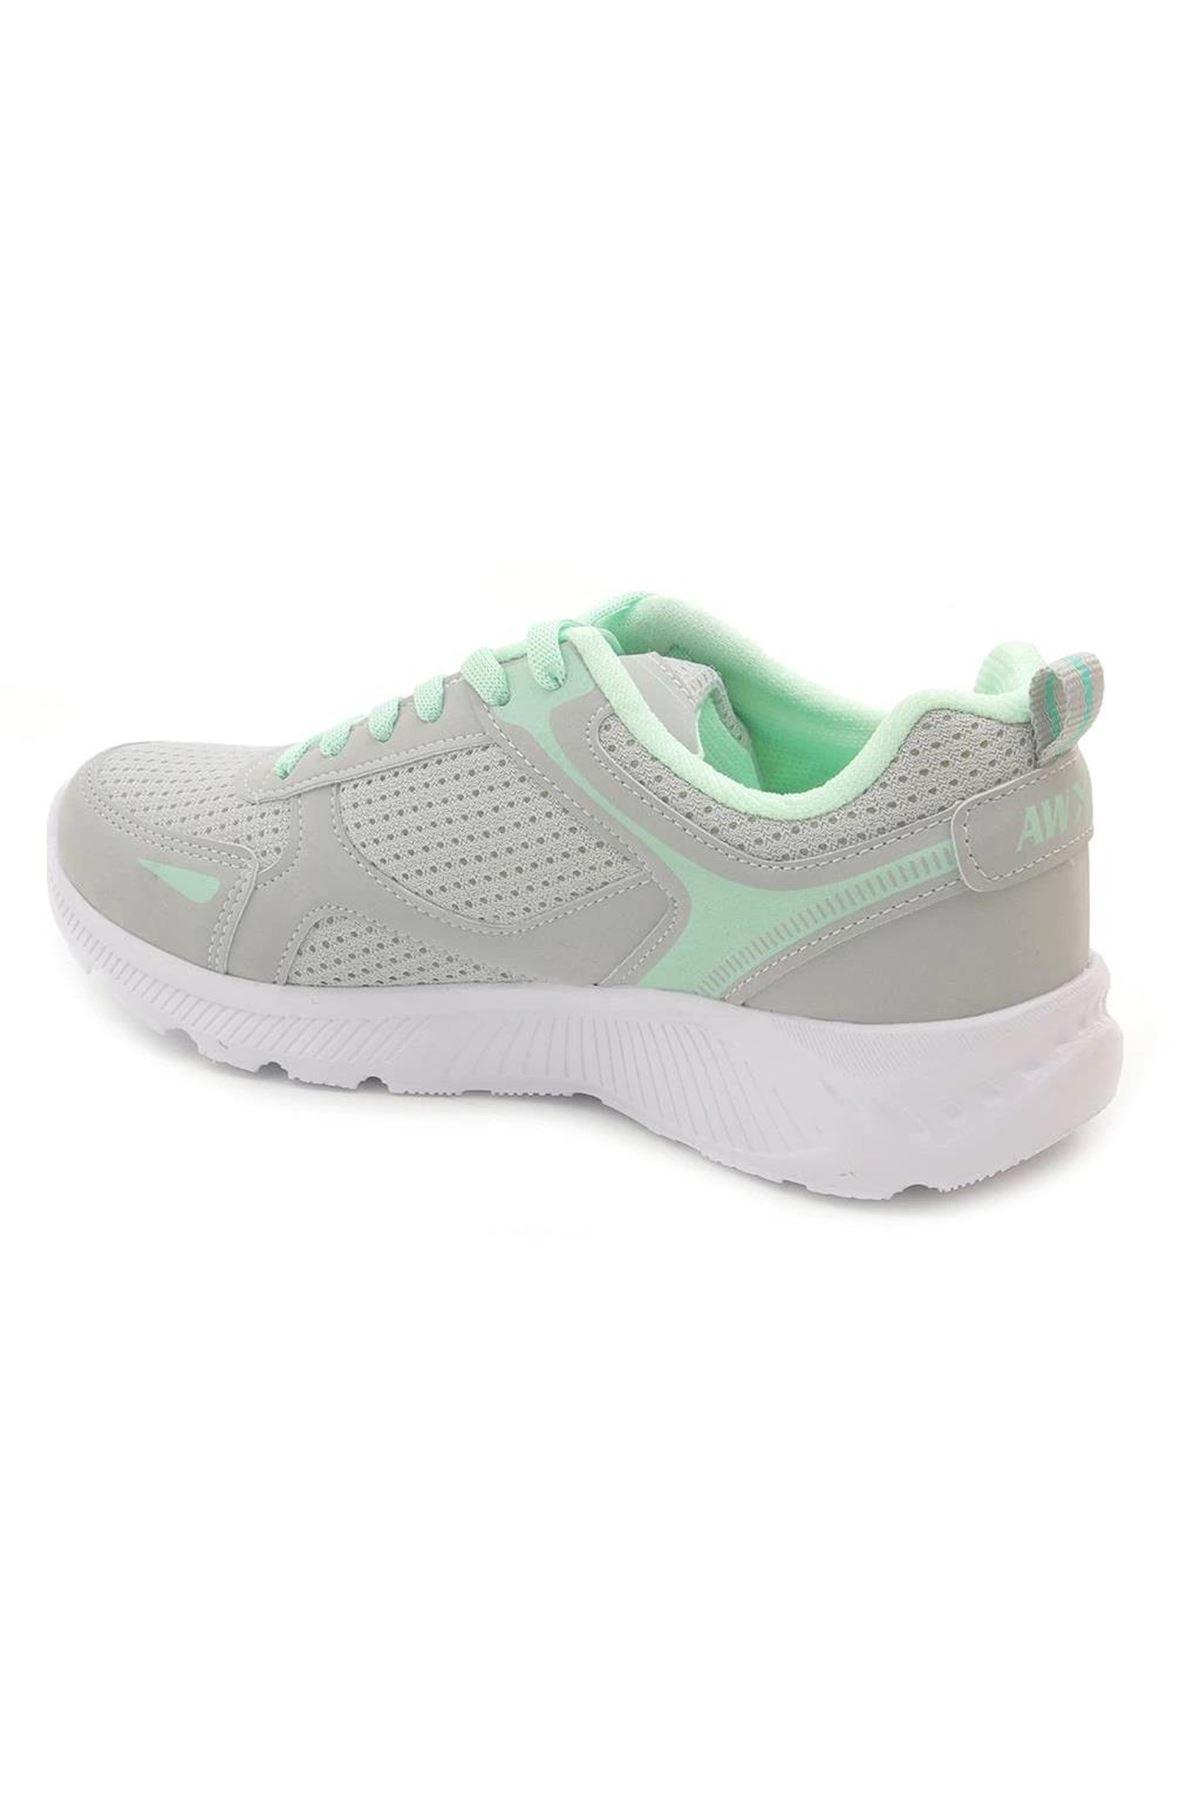 Lady Awi Koşu Yürüyüş Ayakkabı, Bayan Spor Ayakkabı